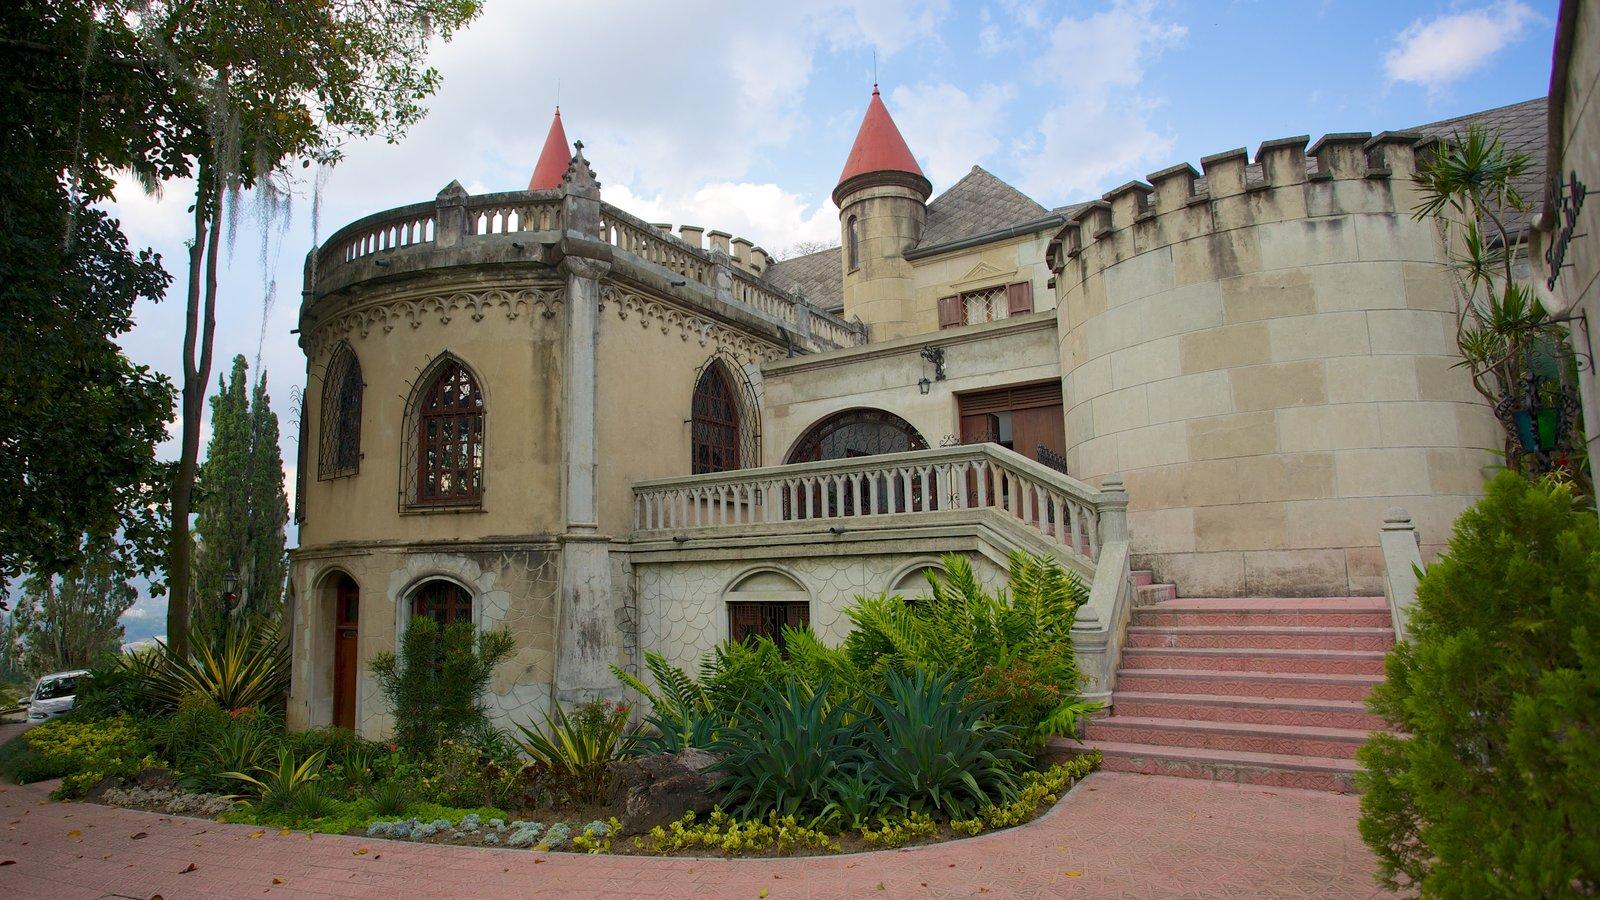 Museo El Castillo que inclui um pequeno castelo ou palácio e arquitetura de patrimônio